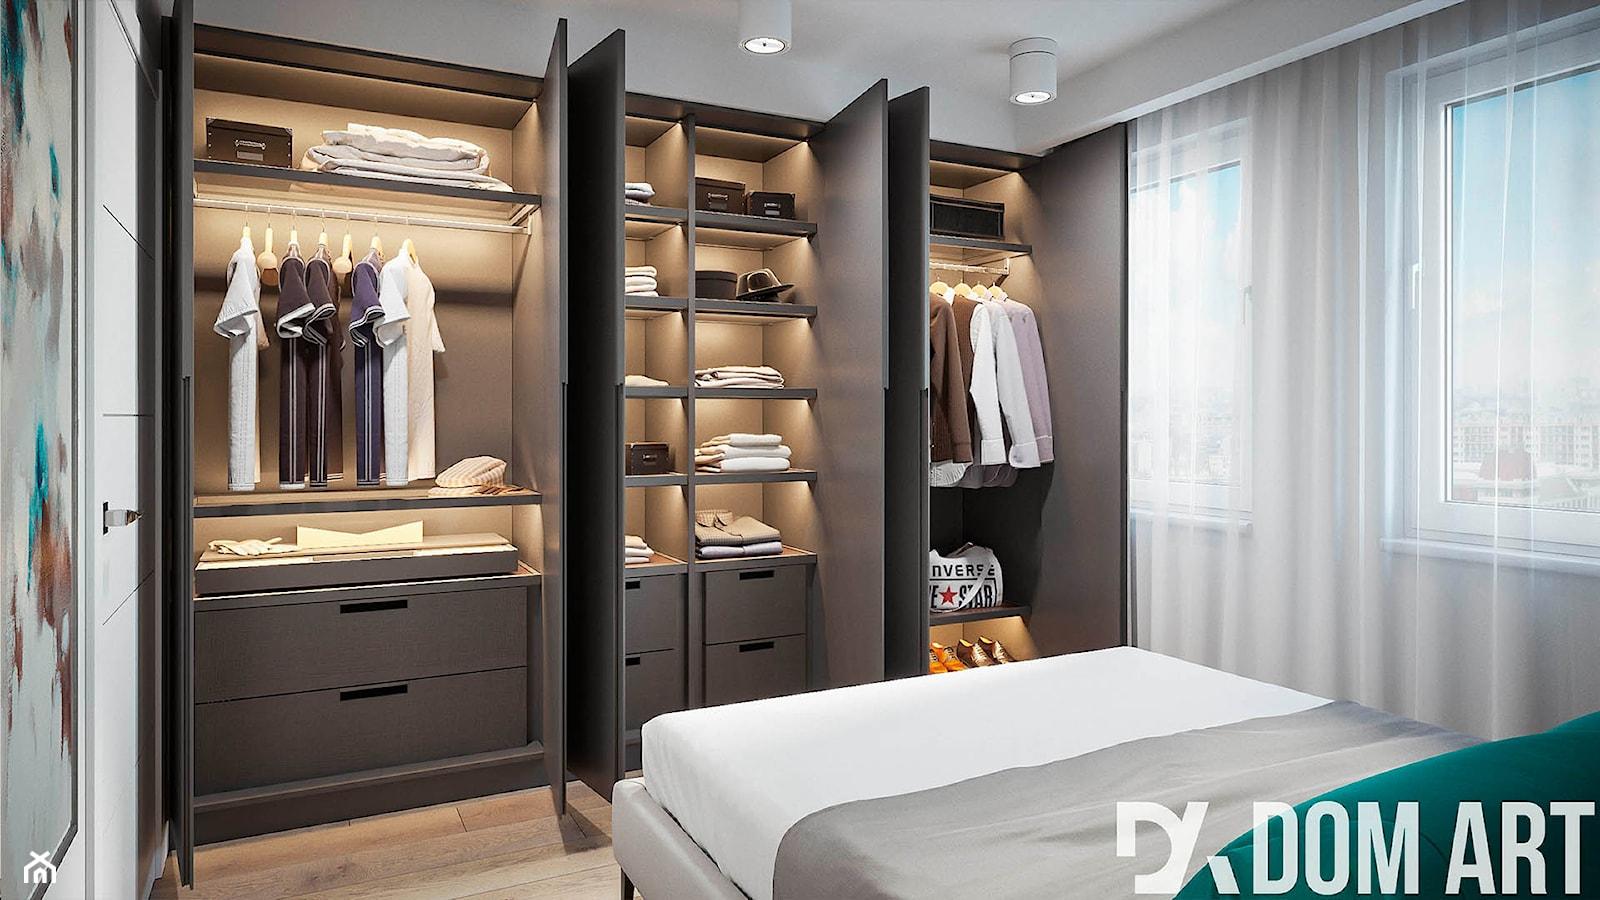 Minimalistyczne mieszkanie - Średnia sypialnia małżeńska, styl minimalistyczny - zdjęcie od Dom-Art - Homebook